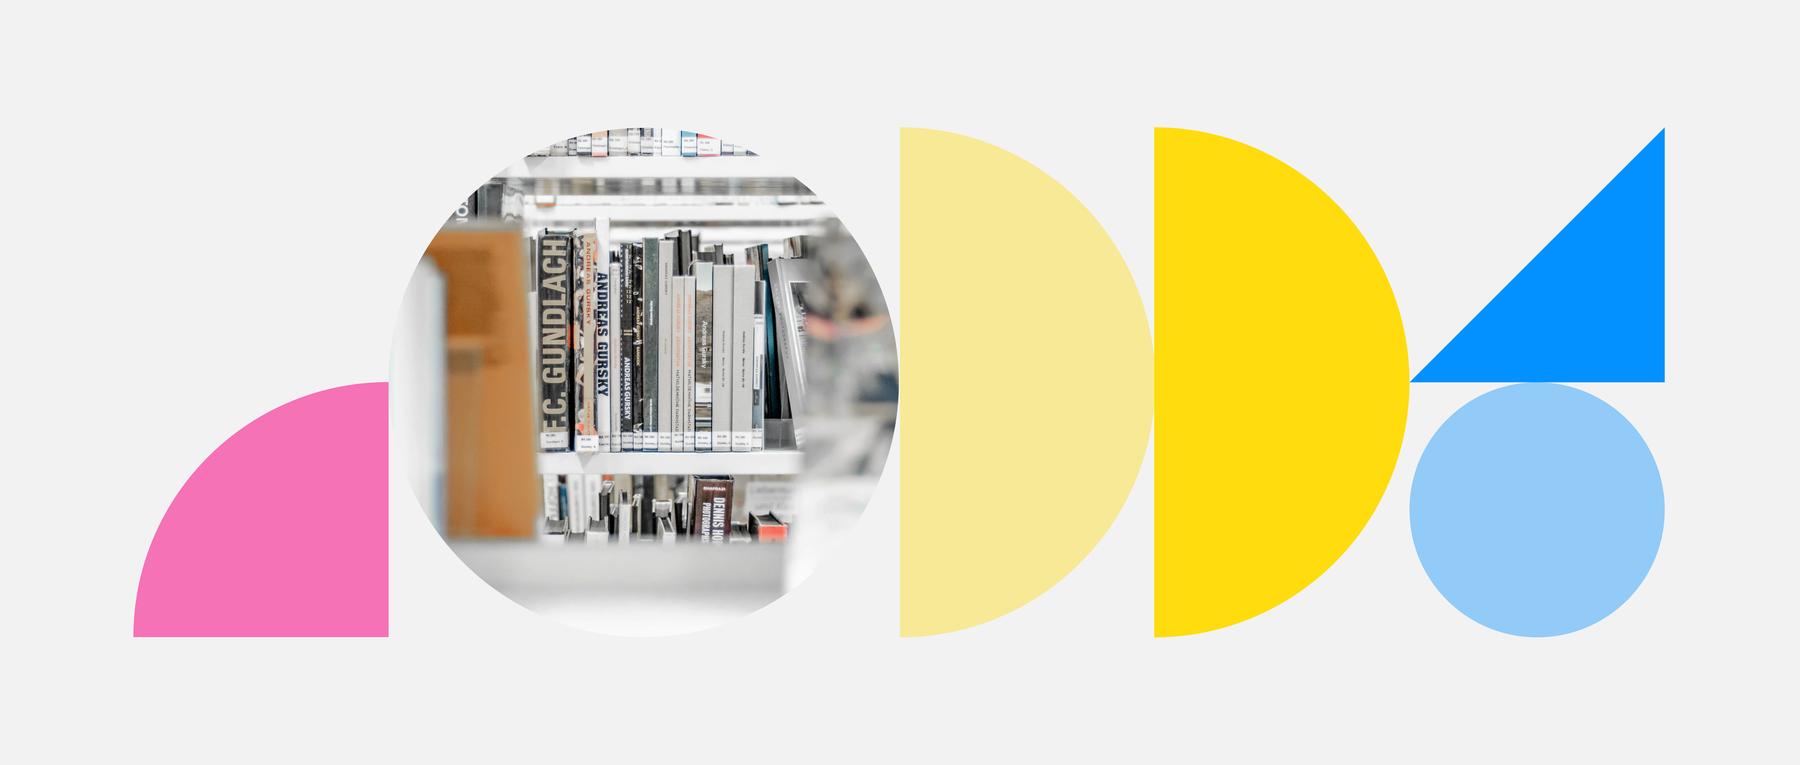 5 reasons we love pattern libraries